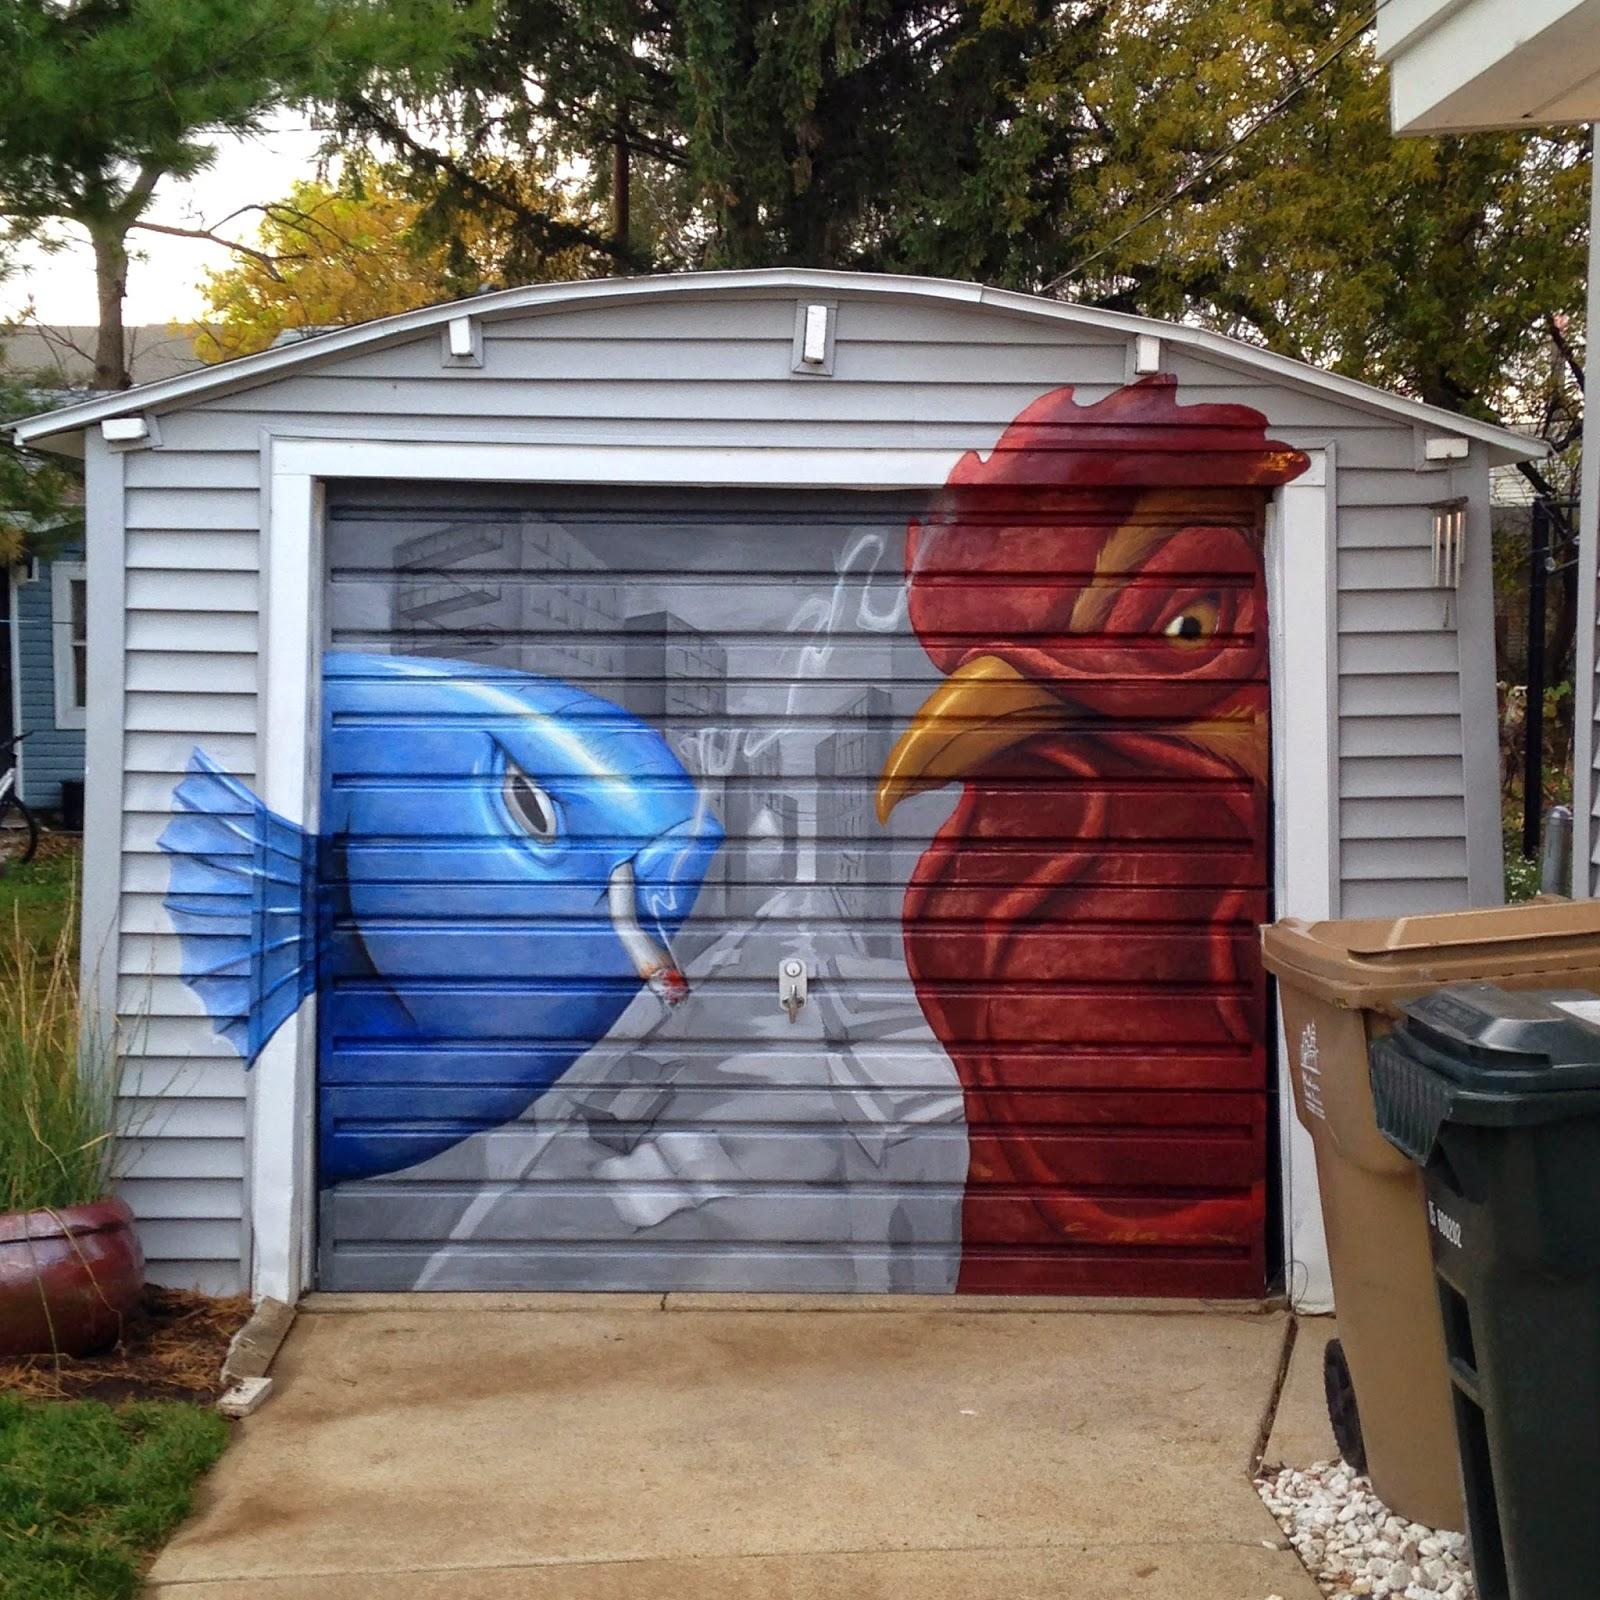 mural garage art